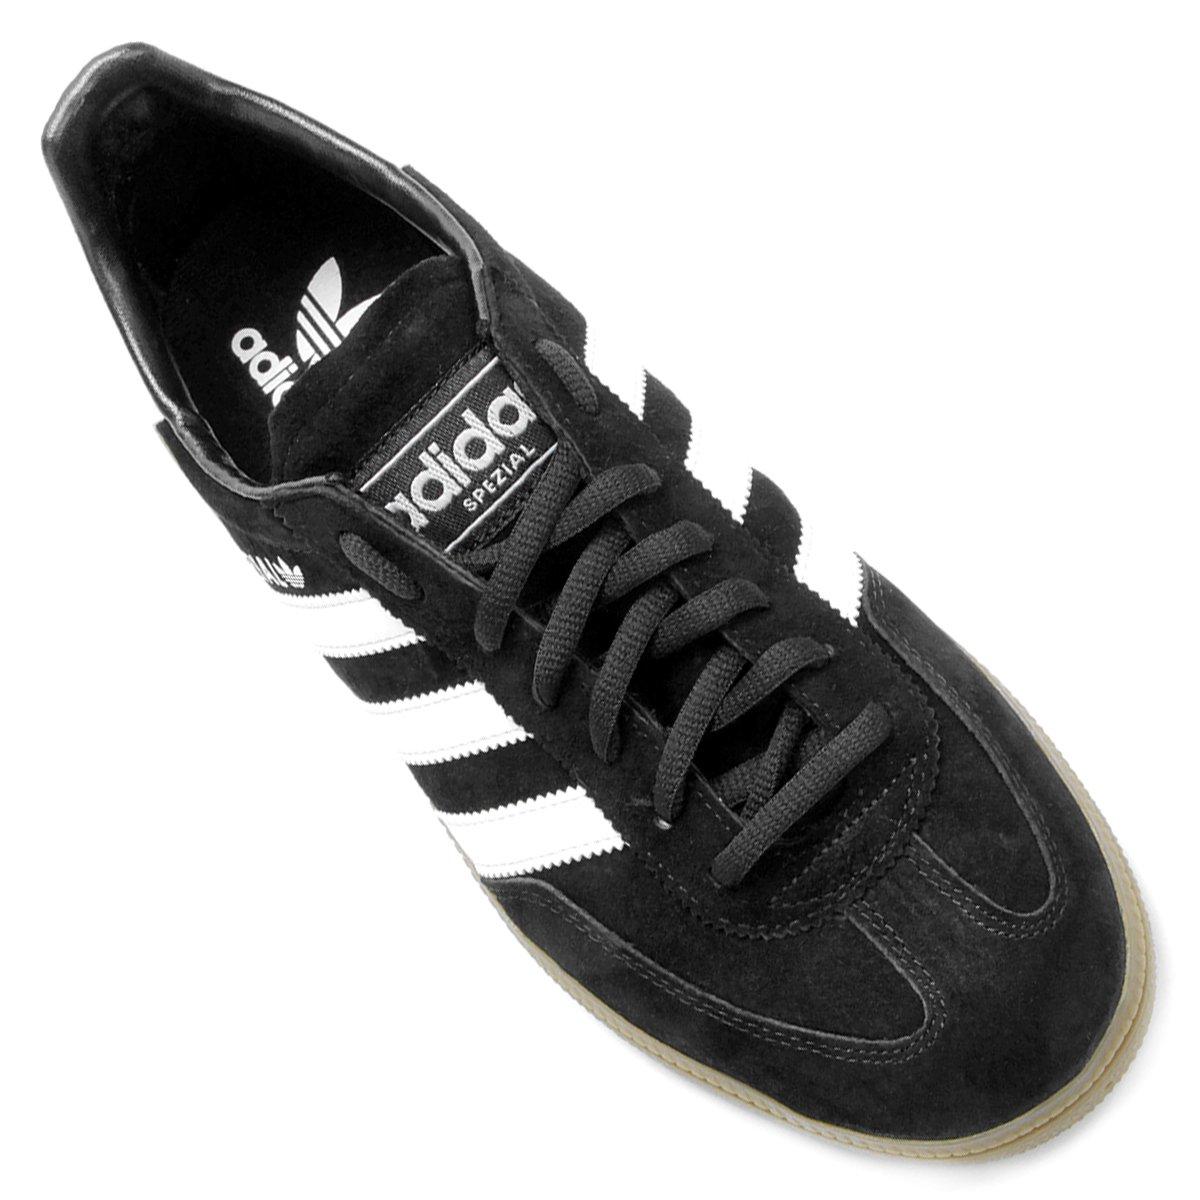 bba19088ff ... Tênis Adidas Spezial  Tênis Adidas Spezial